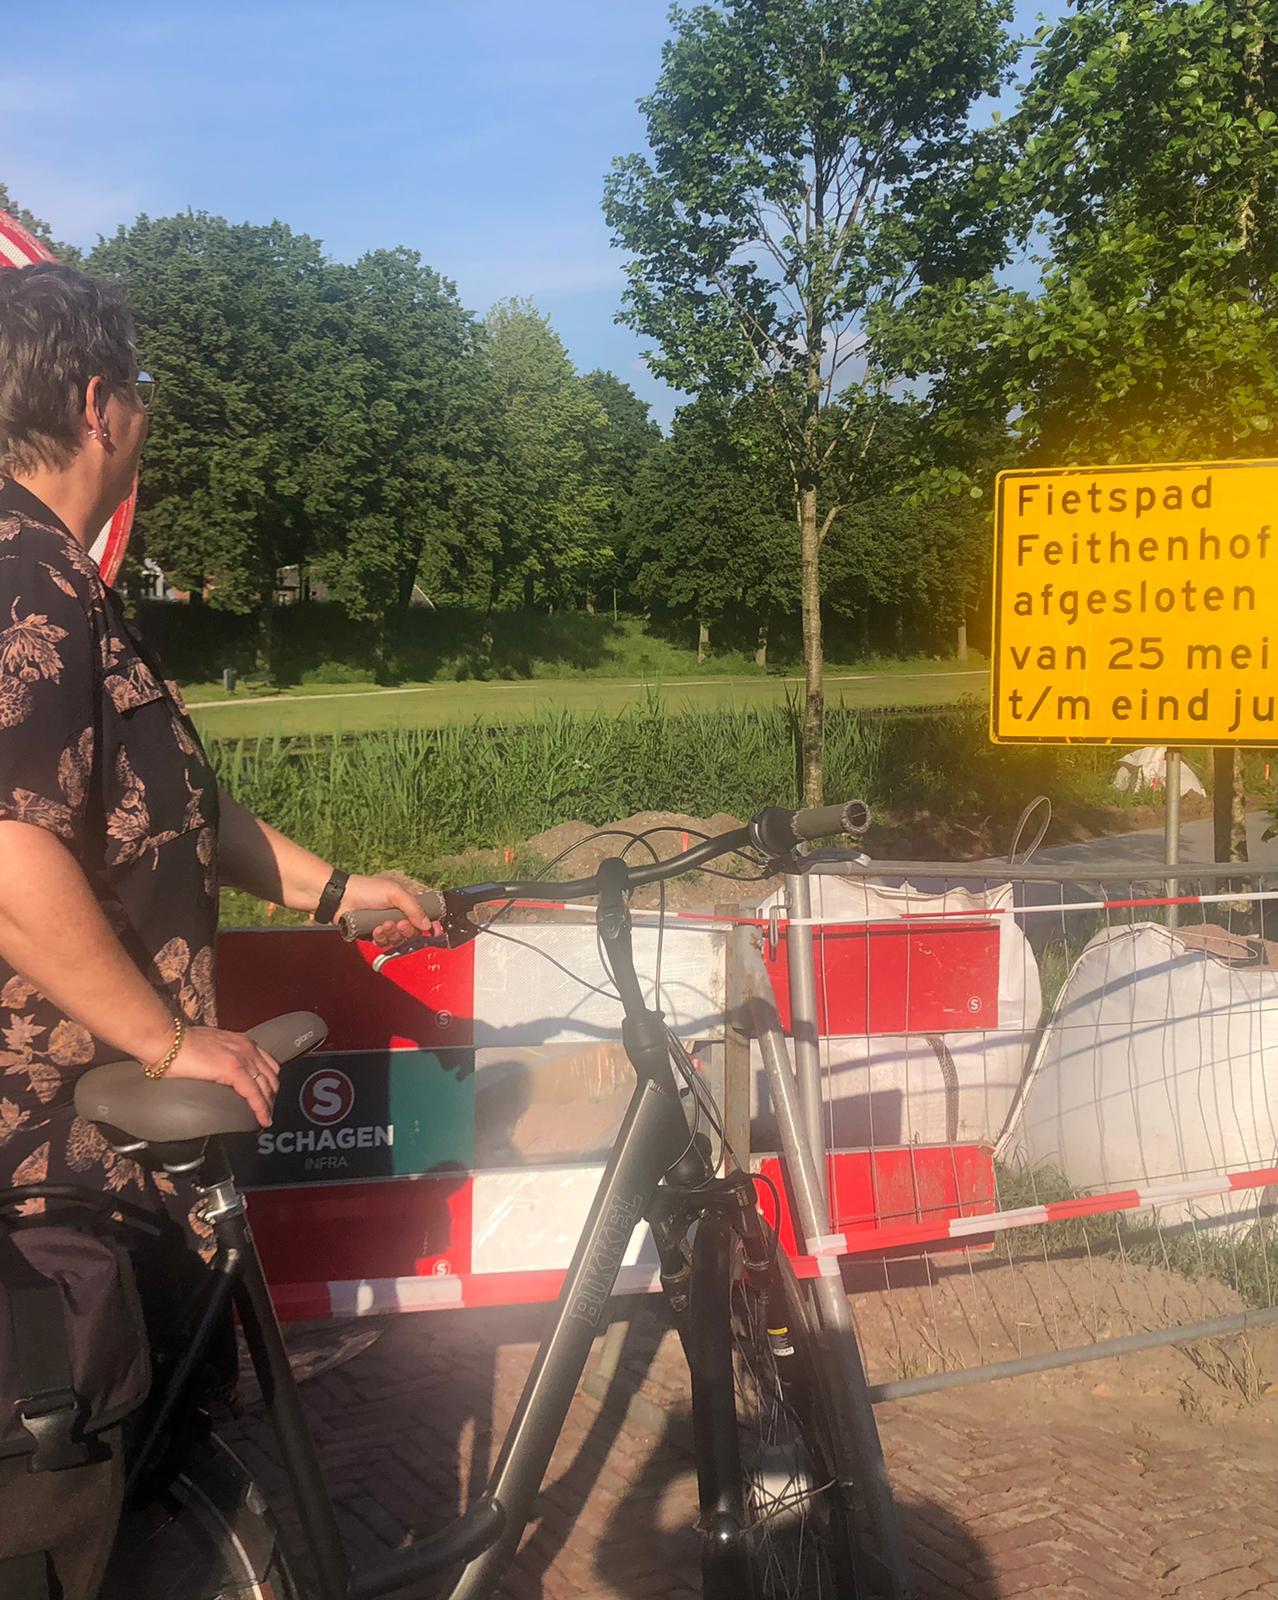 Algemeen Belang tevreden over nieuw pad bij Feithenhof